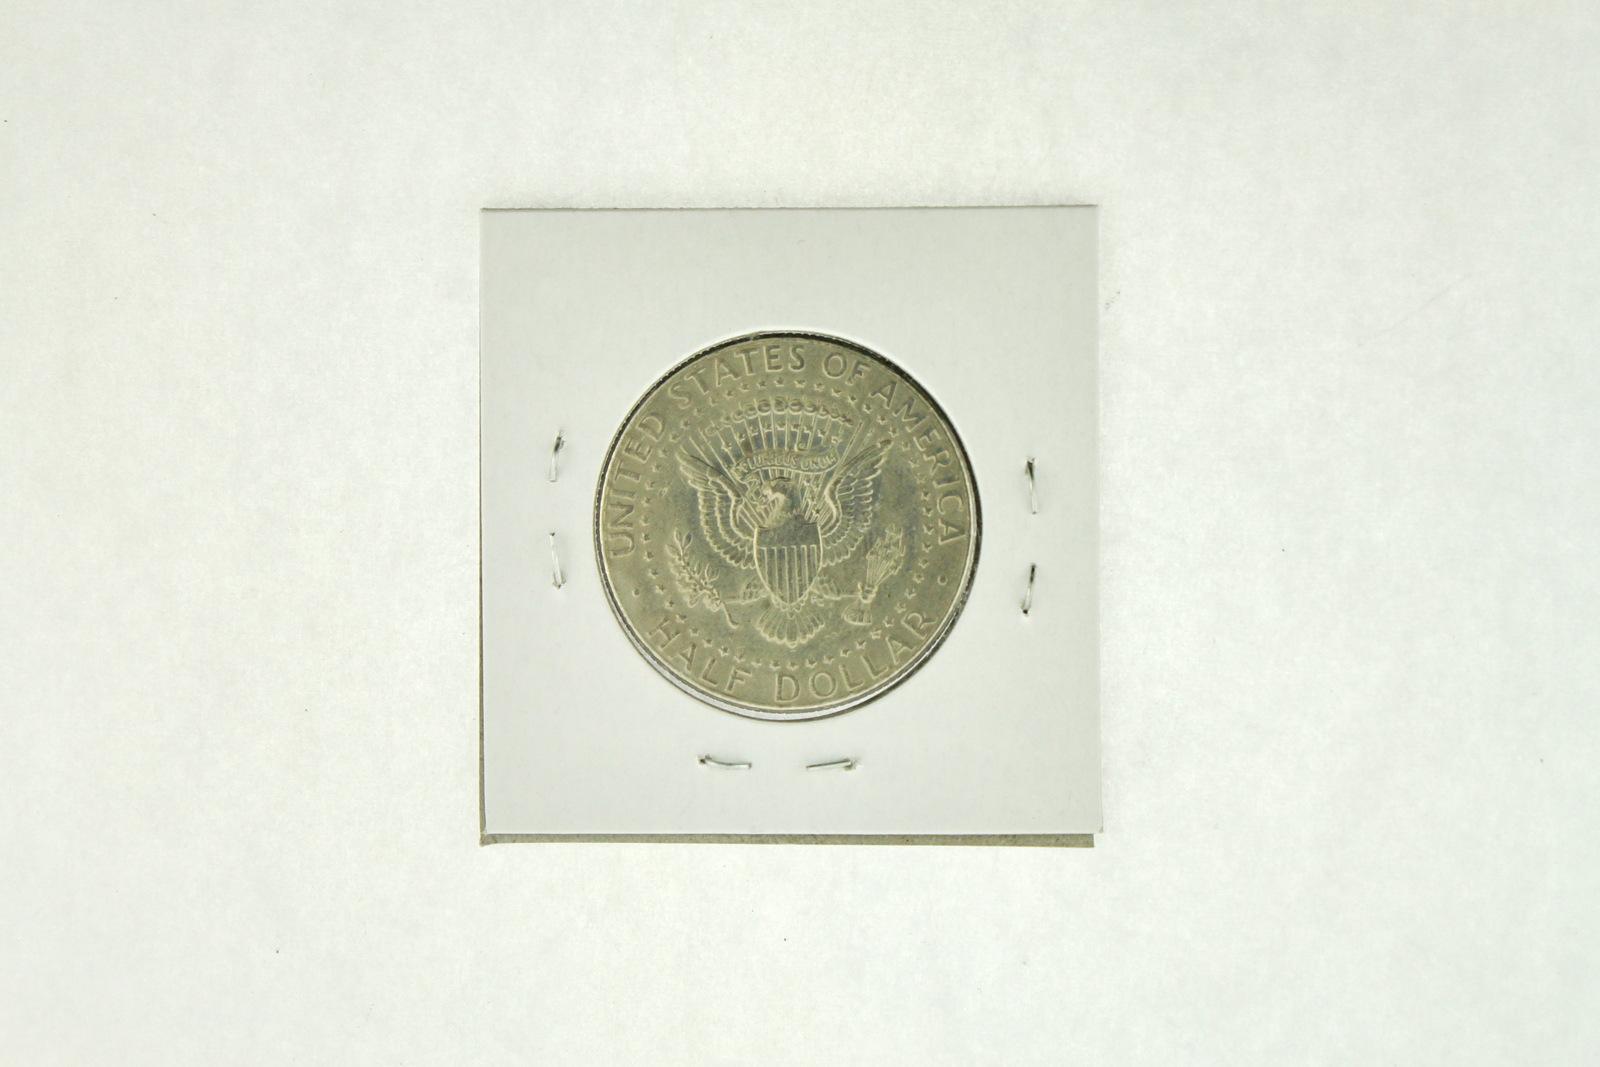 2000-D Kennedy Half Dollar (F) Fine N2-4008-9